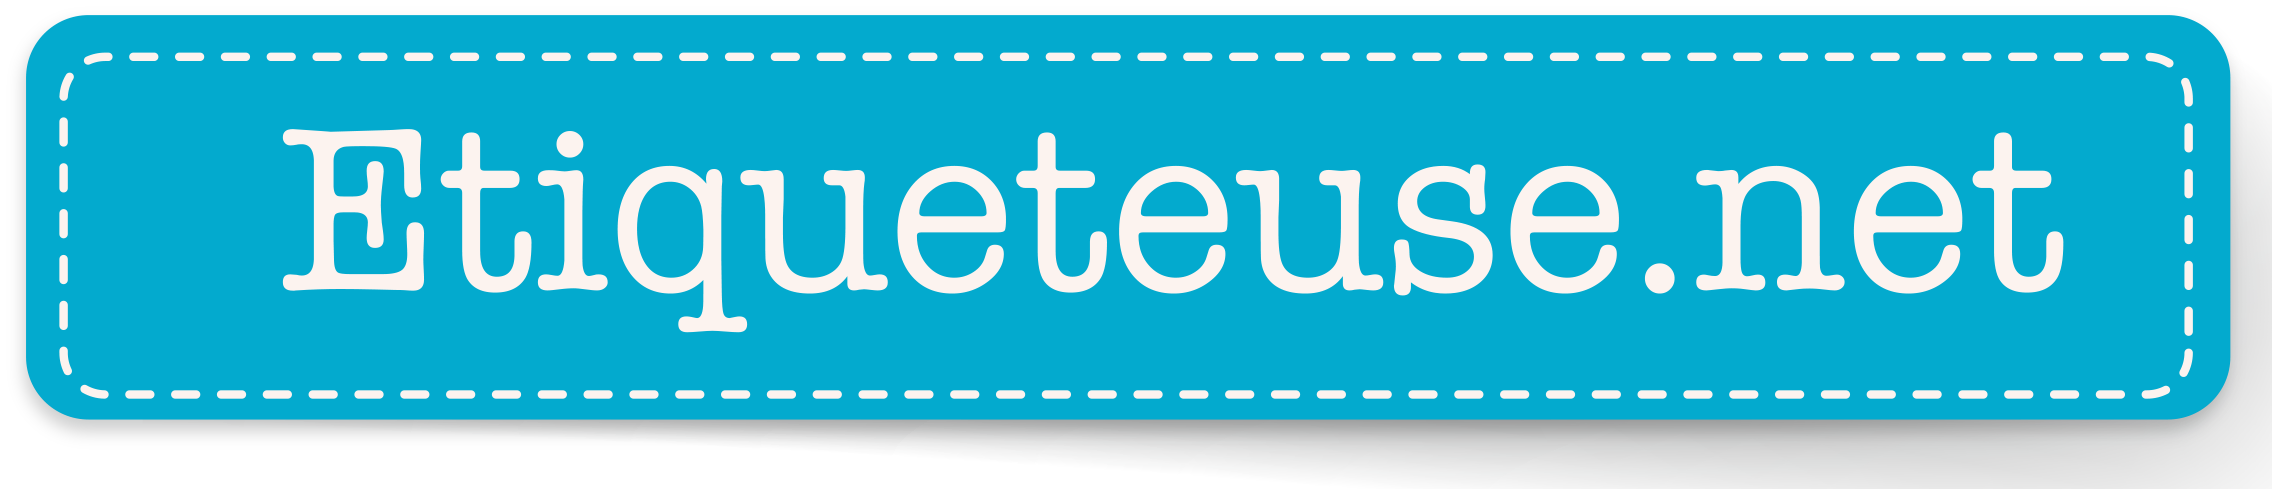 etiqueteuse.net - Avis test et comparatif 2018 meilleures etiqueteuses